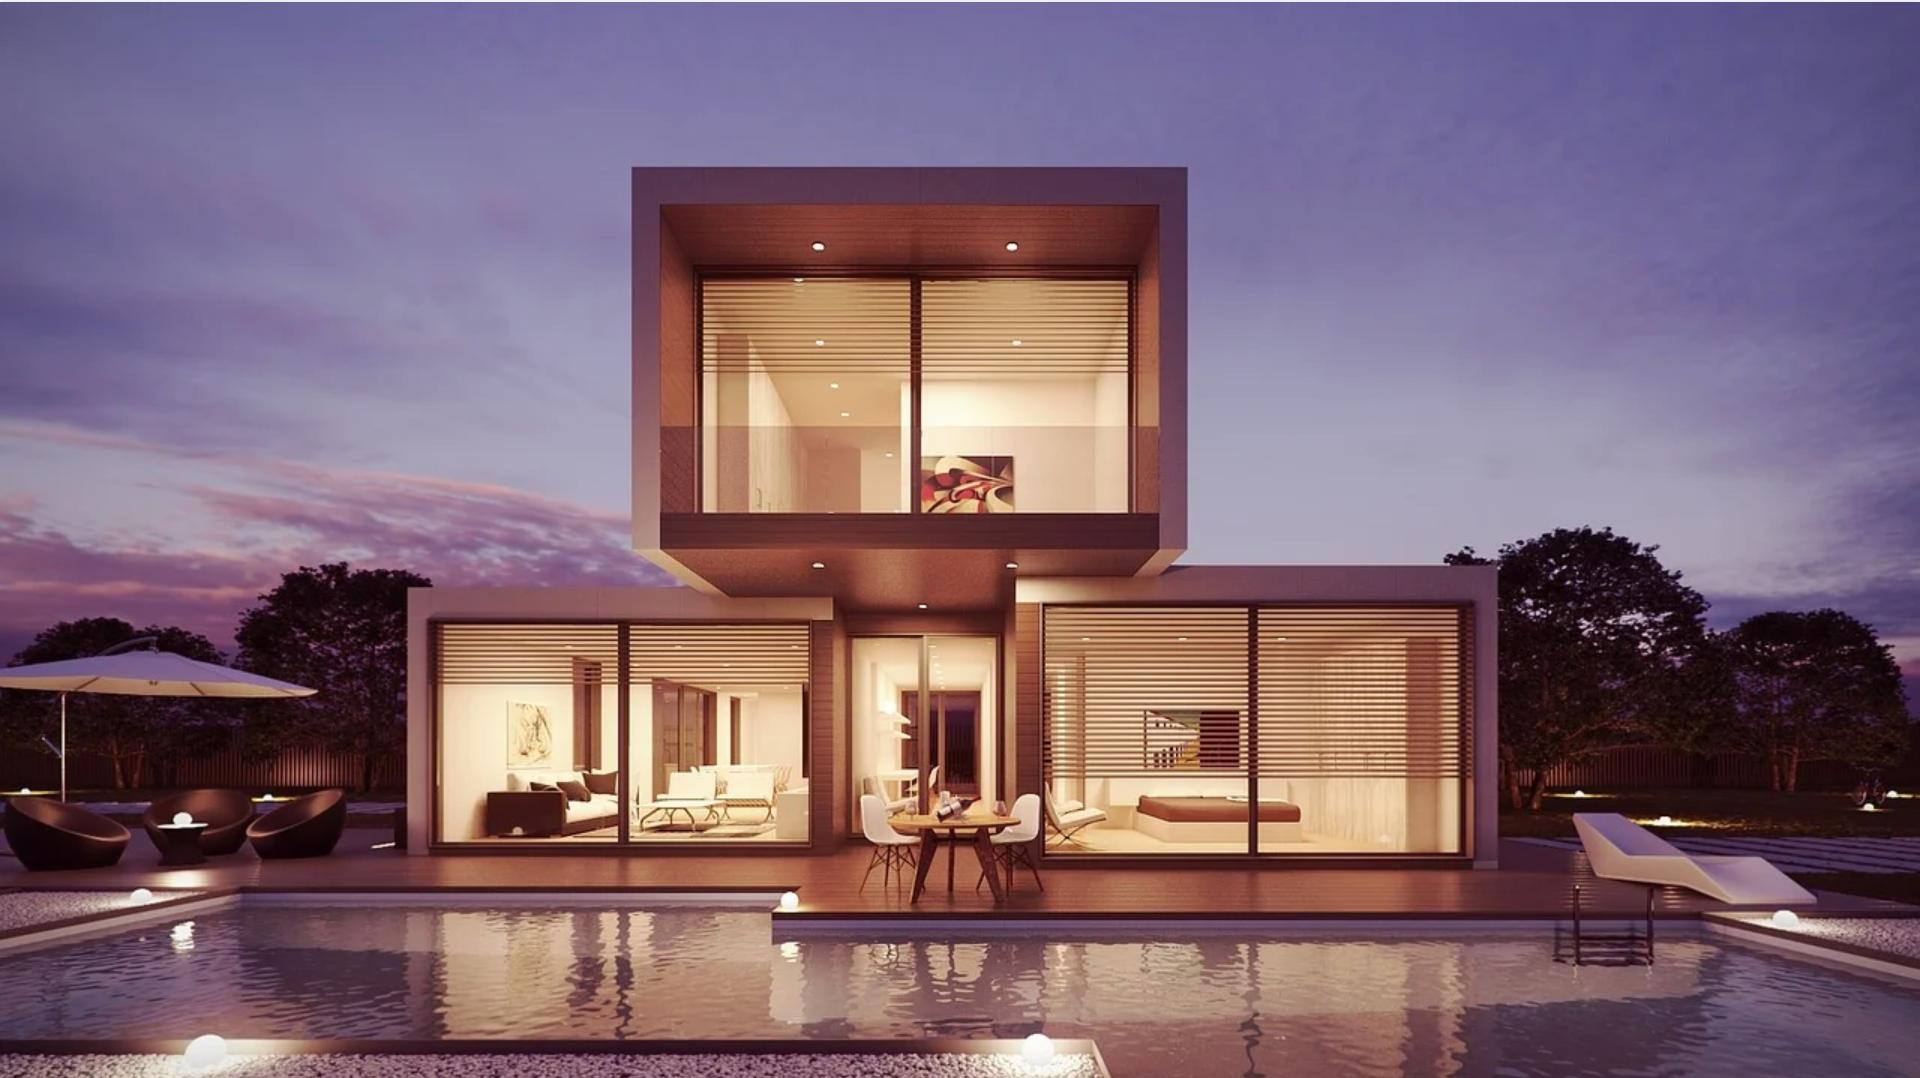 Inteligentní dům nám může ušetřit spoustu peněz